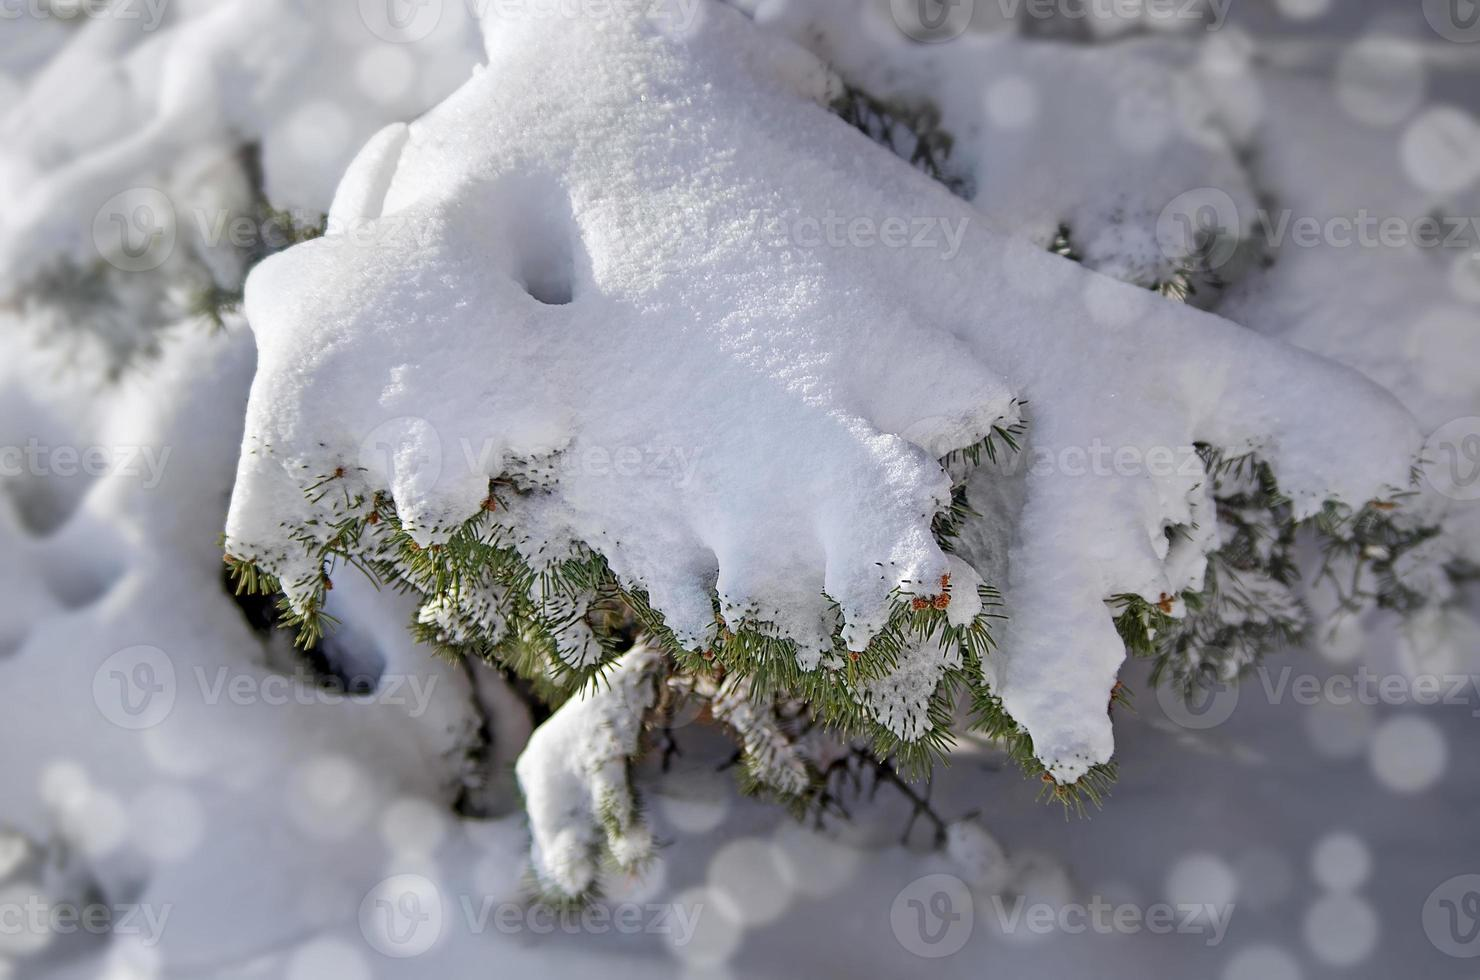 Ramas de coníferas congeladas cubiertas de nieve del invierno foto